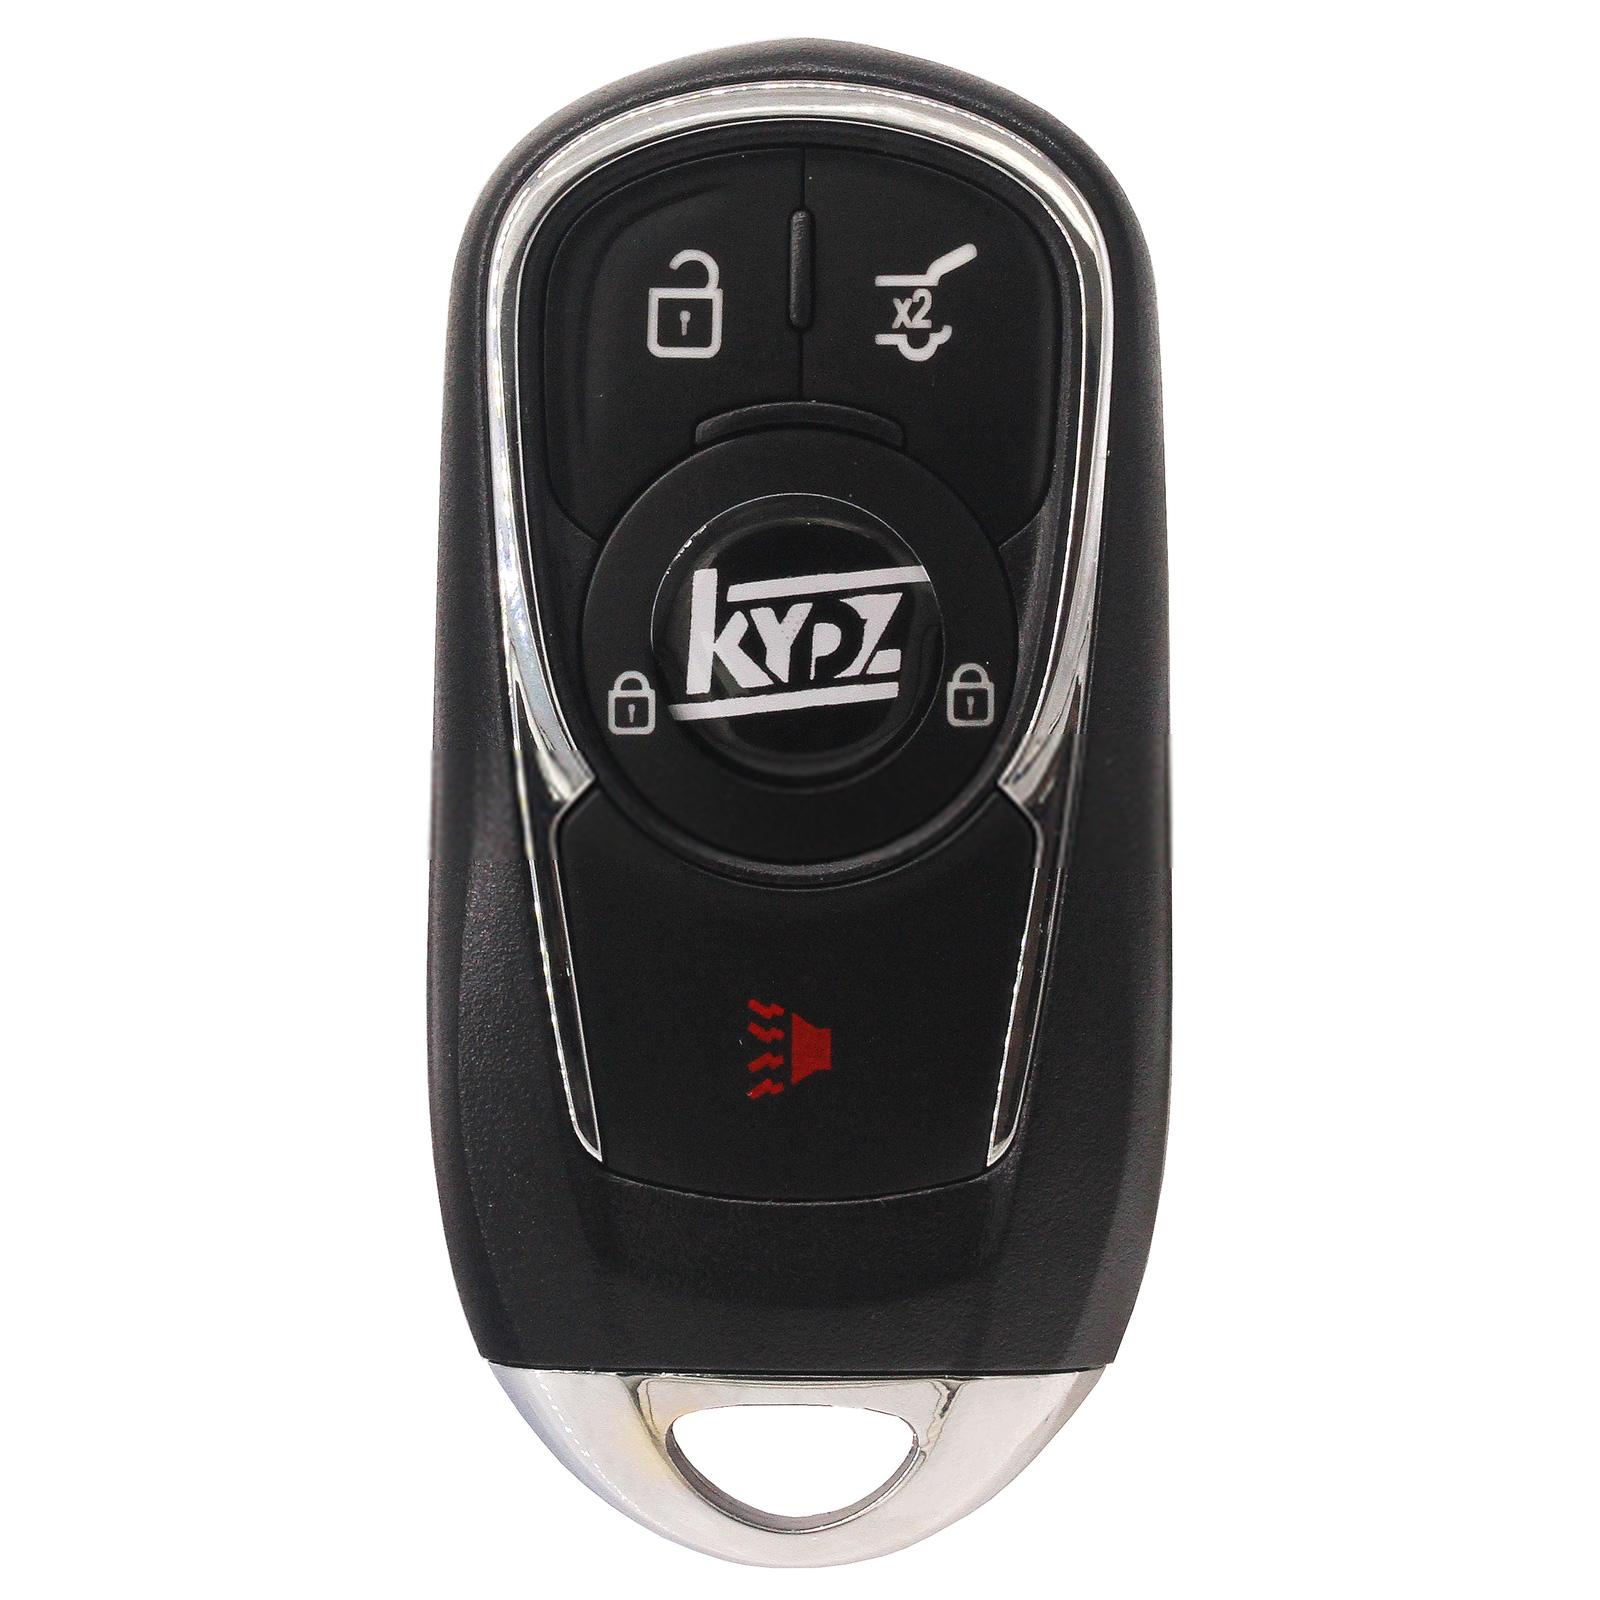 KYDZ03 Form Smart Model Model GM25-3+1 Buttons Global Version - Pack of 5